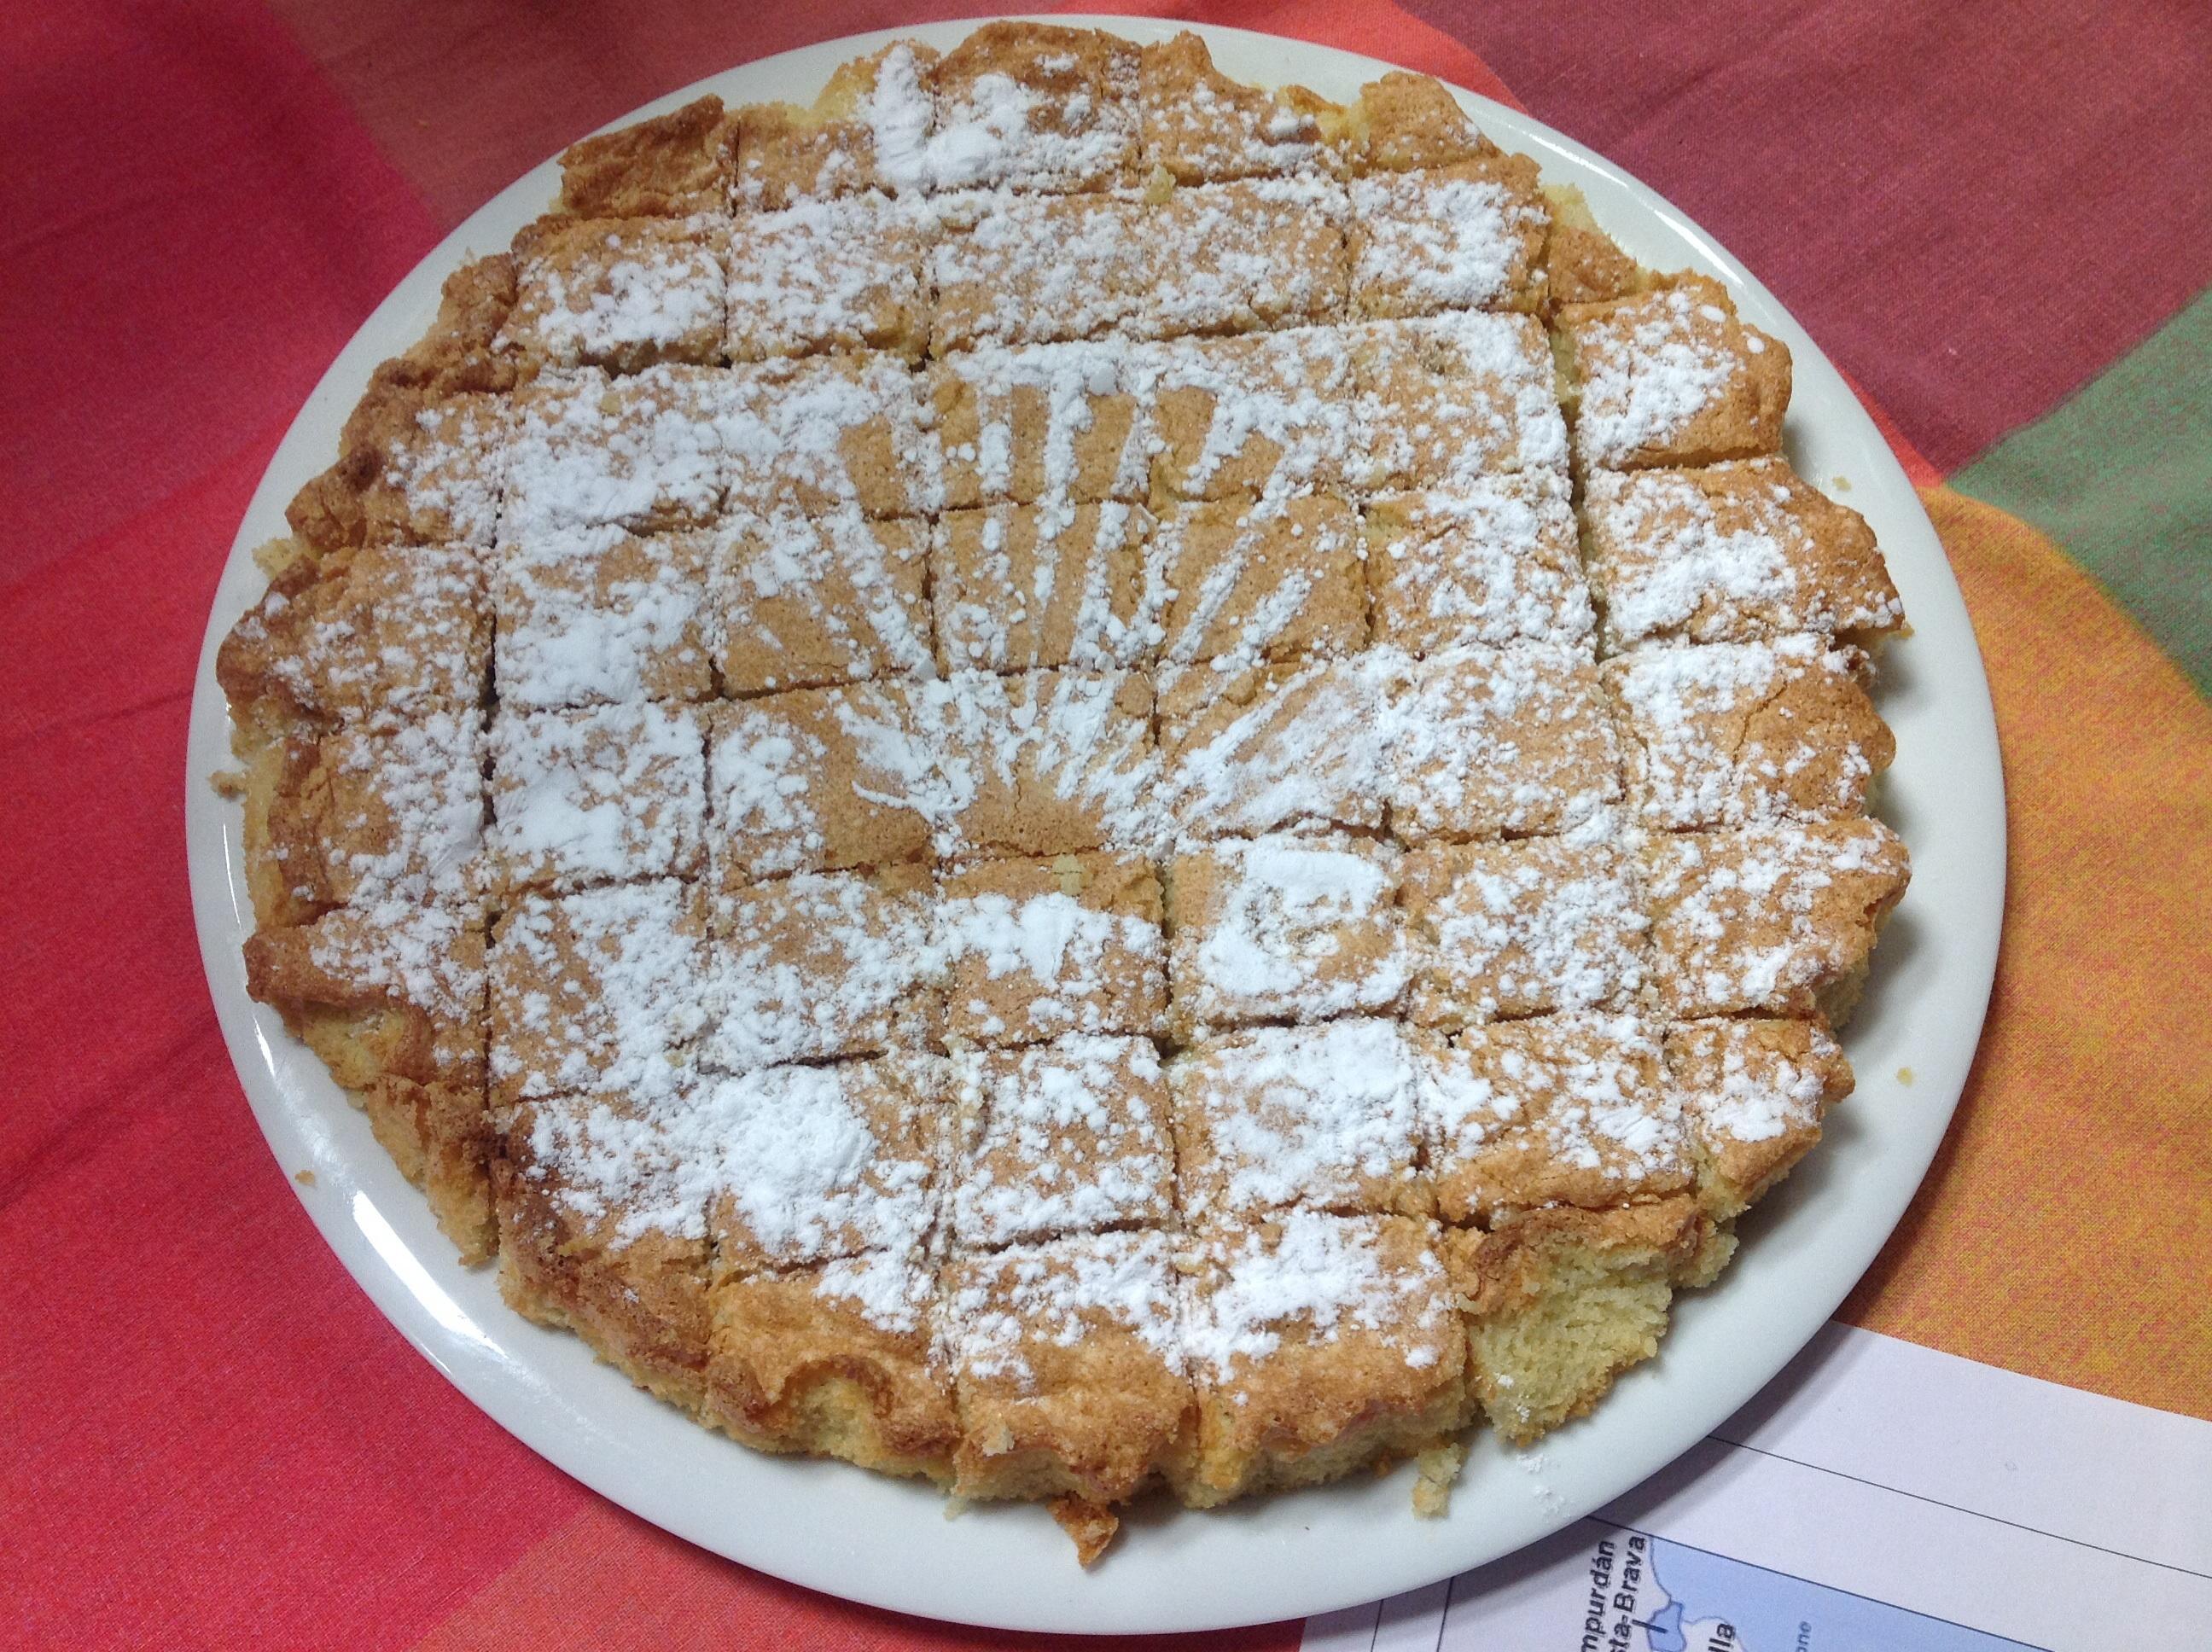 Et pour le dessert, Mauricette nous a offert une superbe tarte, selon la recette de la région de Galice